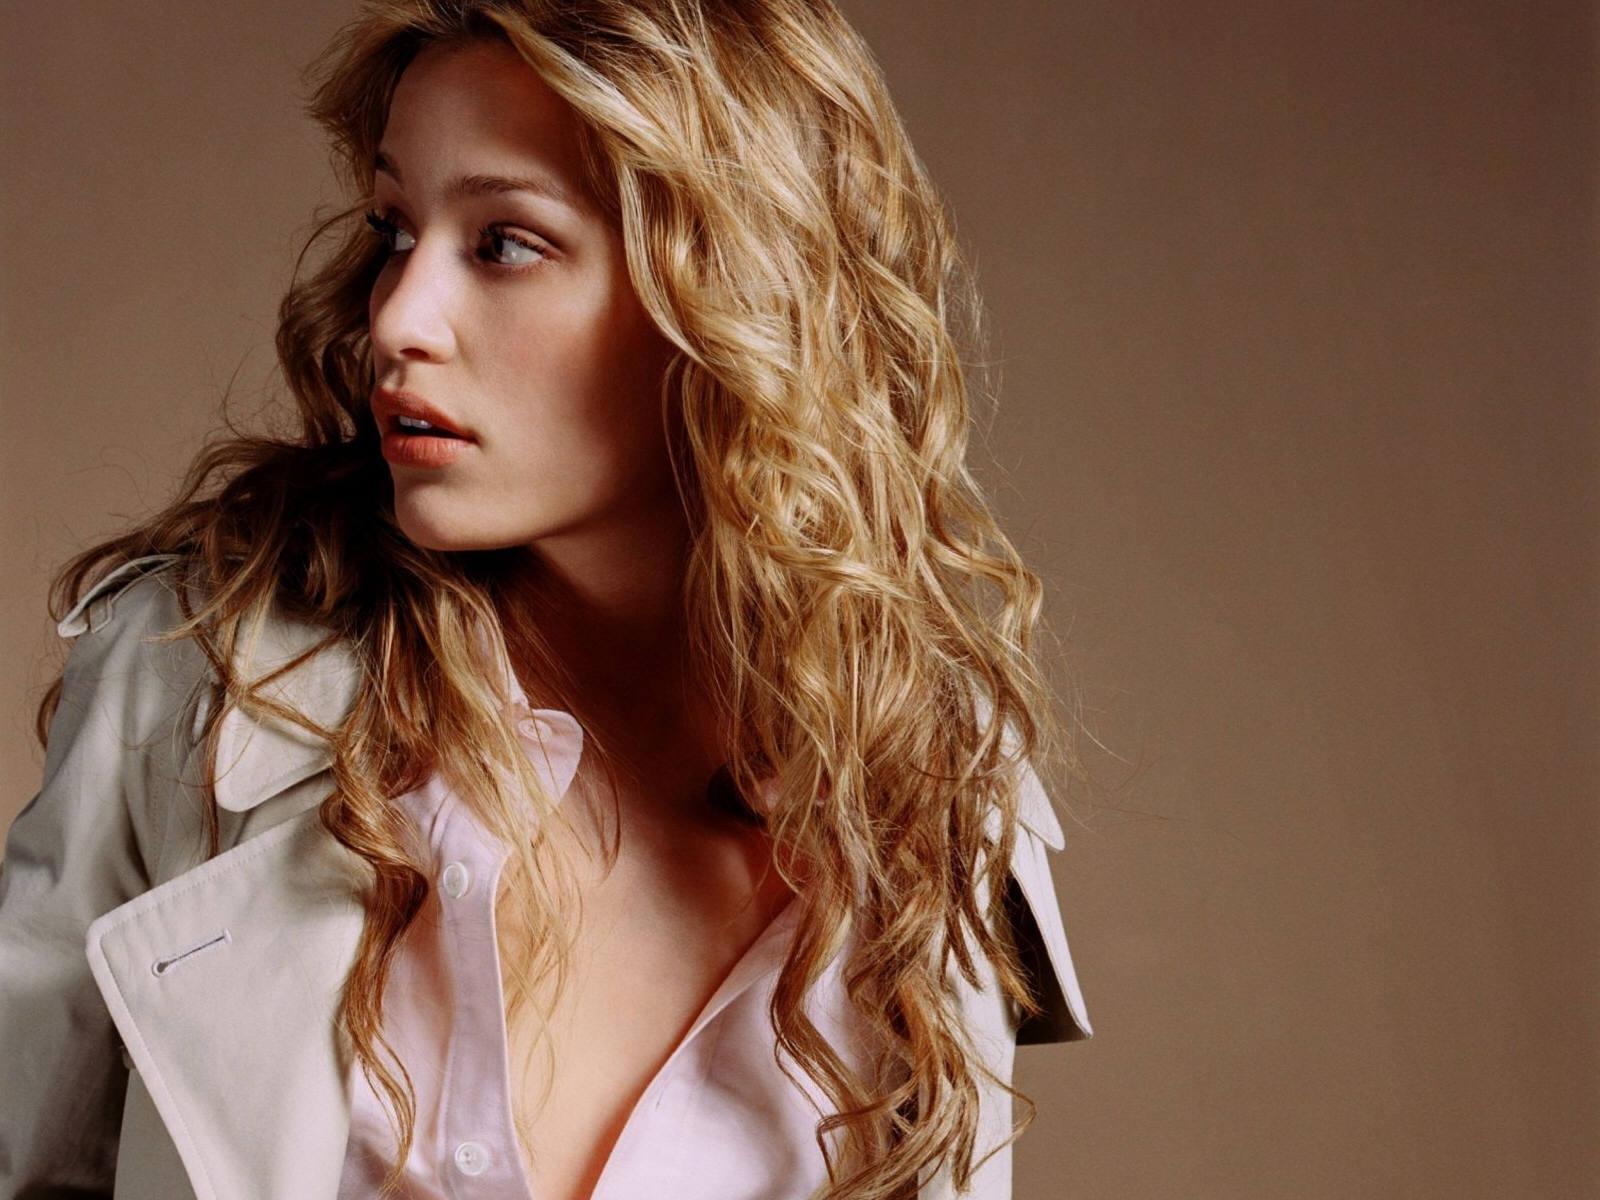 http://1.bp.blogspot.com/_BpAoKRSdVjQ/TQLjawoJh5I/AAAAAAAADgU/eQ-YI0N_VwE/s1600/Piper-Perabo-famous-actress.jpg